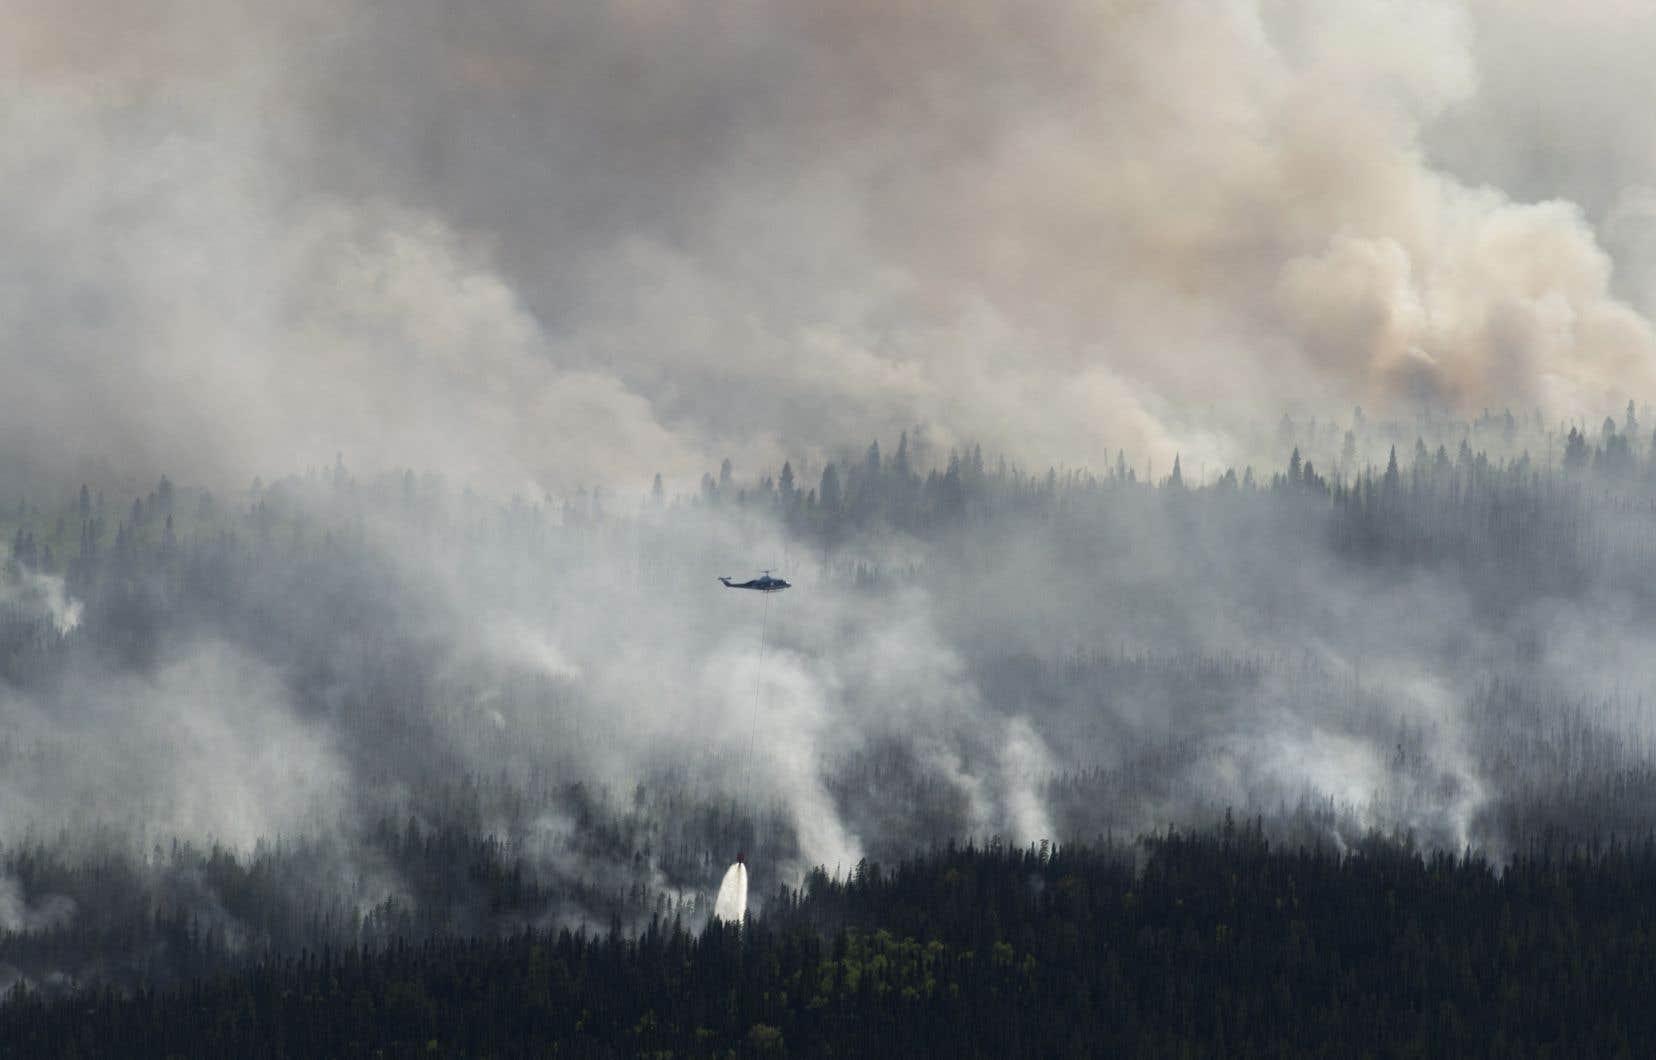 Près de 5000 résidants de High Level et des environs ont dû quitter leur domicile le mois dernier en raison de la progression de l'incendie de forêt Chuckegg Creek; ils ont été autorisés à rentrer chez eux le 2juin.